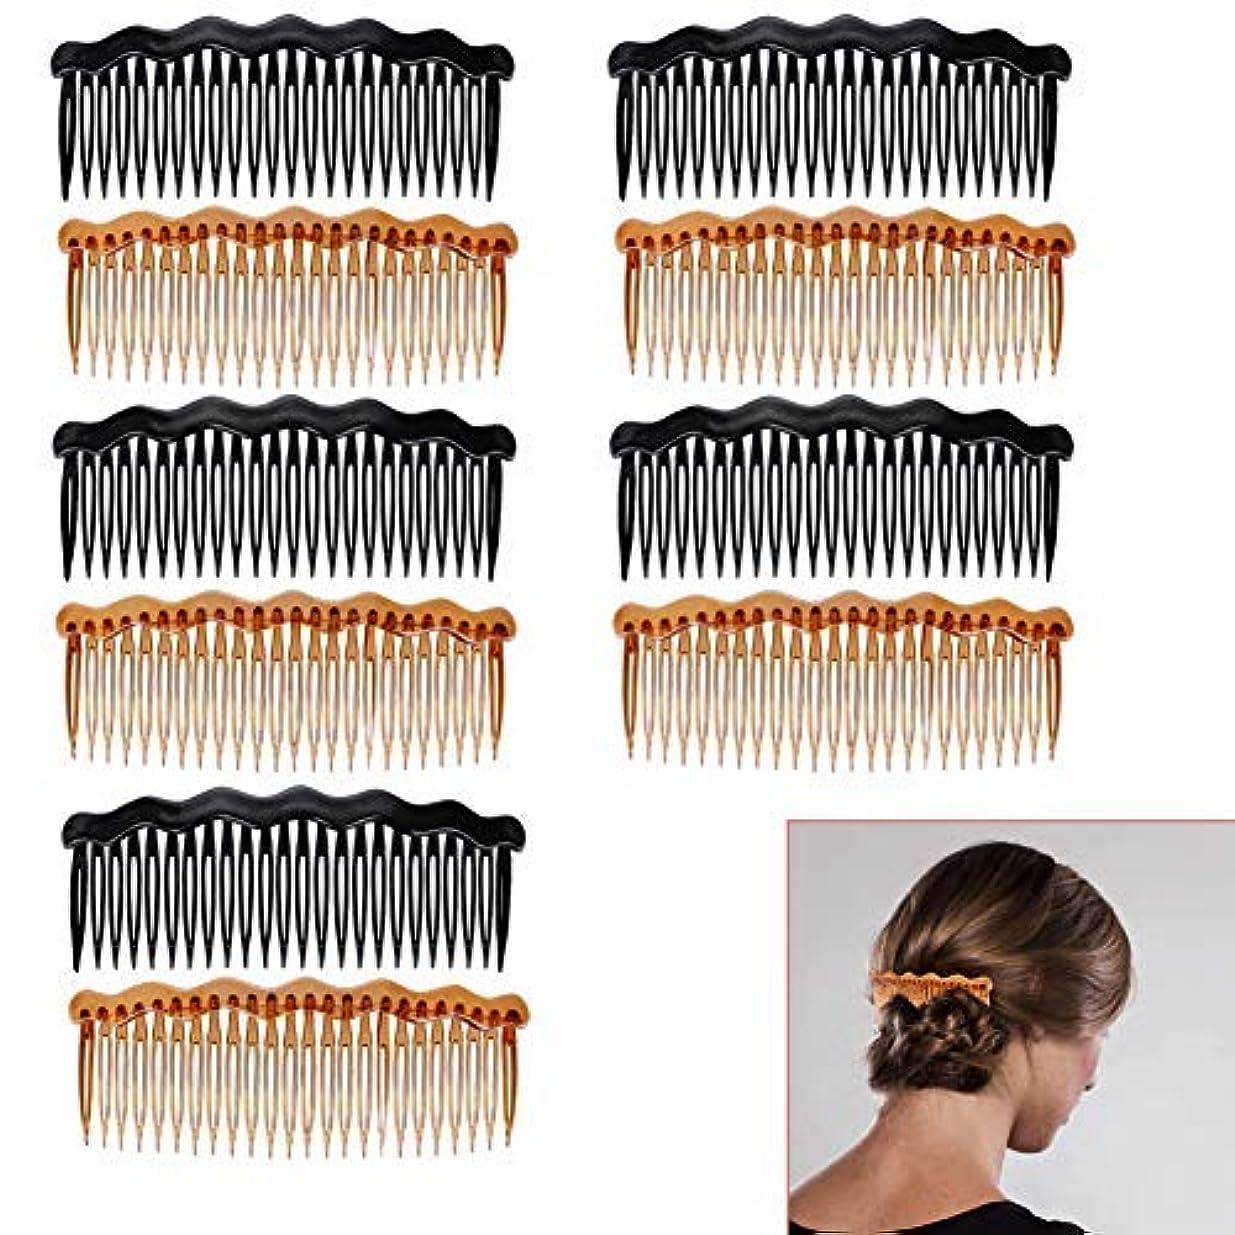 リフトもっともらしい沿ってLuckycivia 10Pcs Plastic French Twist Comb, Side Hair Combs with 24 Teeth Hair Comb for Fine Hair,Hair Combs Accessories...